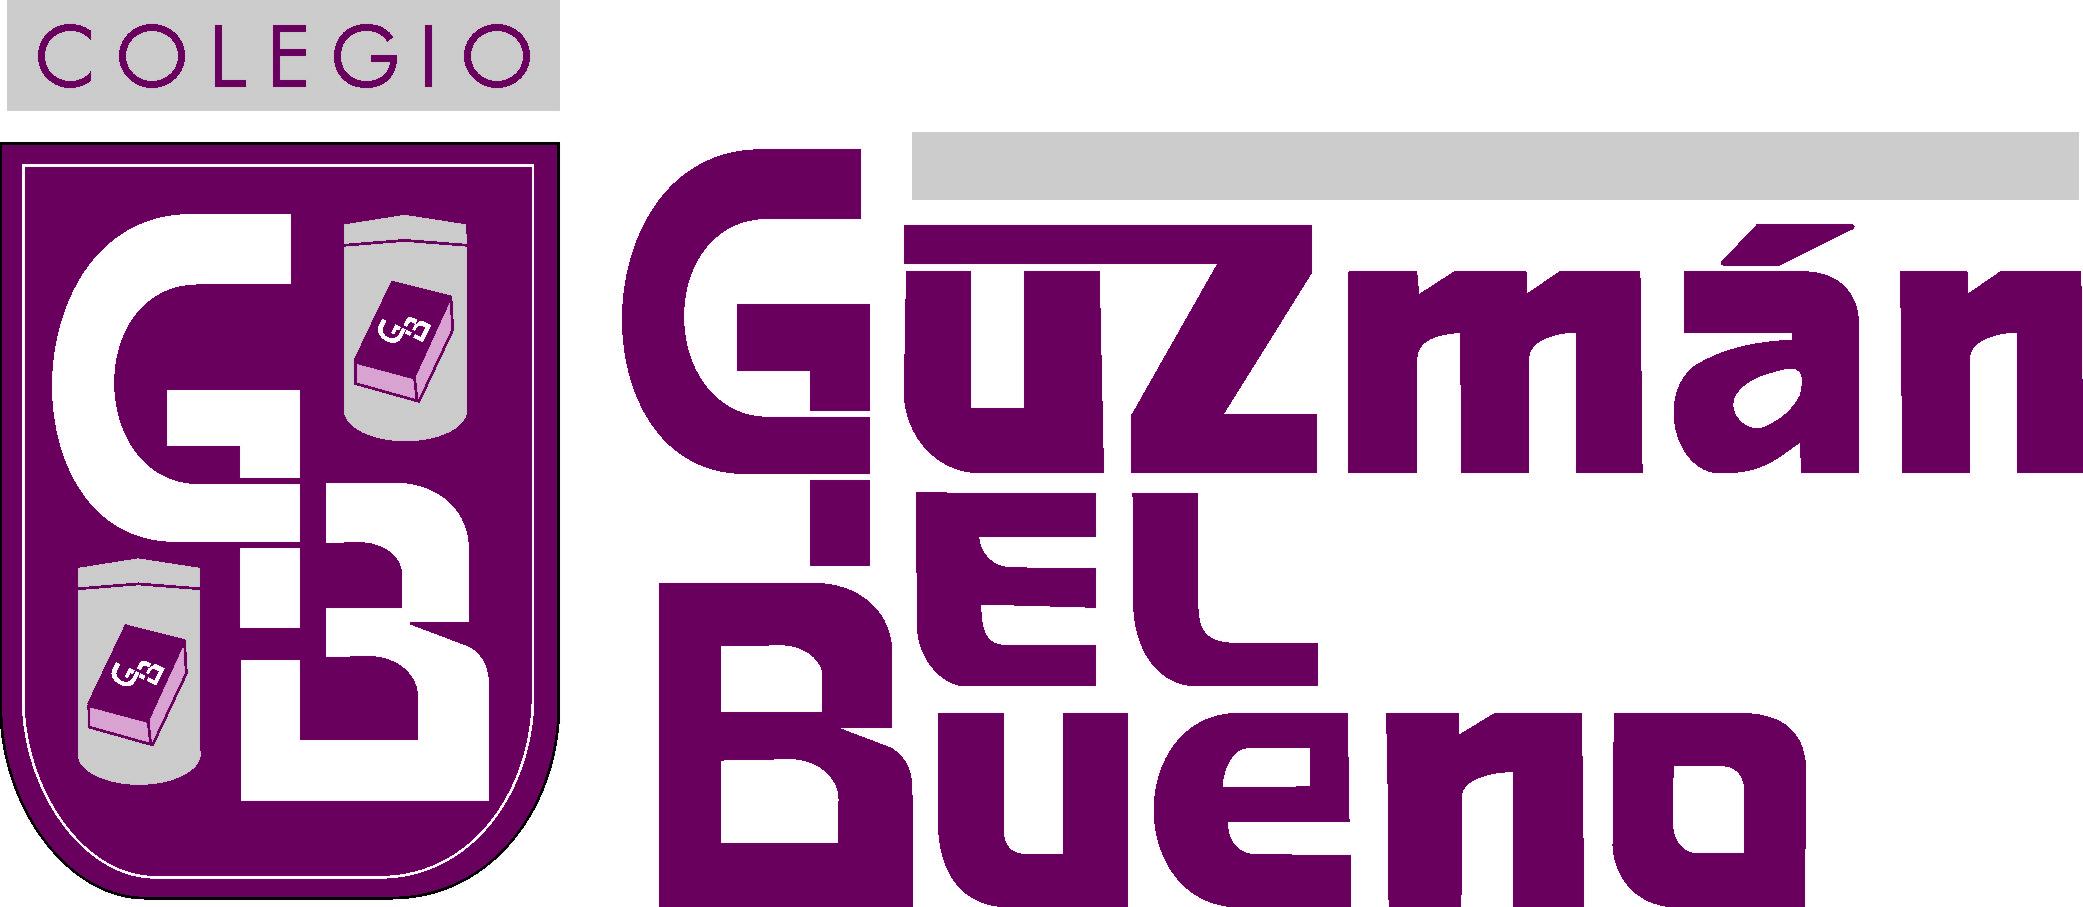 PRECIOS CICLO FORMATIVO GRADO SUPERIOR TAFAD. CURSOS TAFAD. 2017-2018